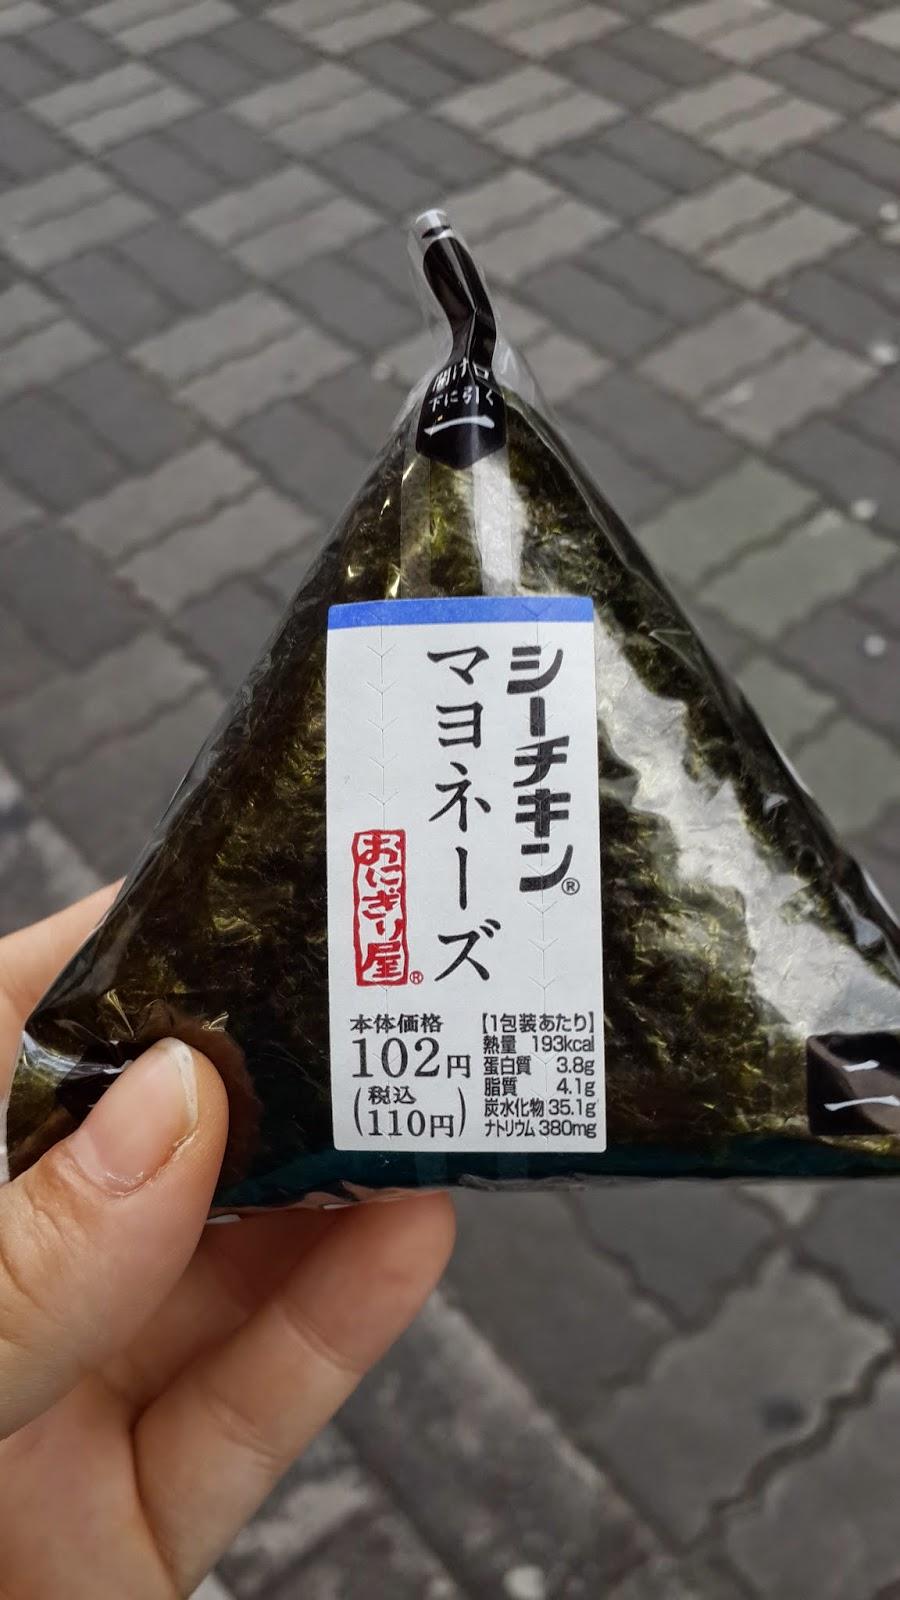 Onigiri - a healthy snack